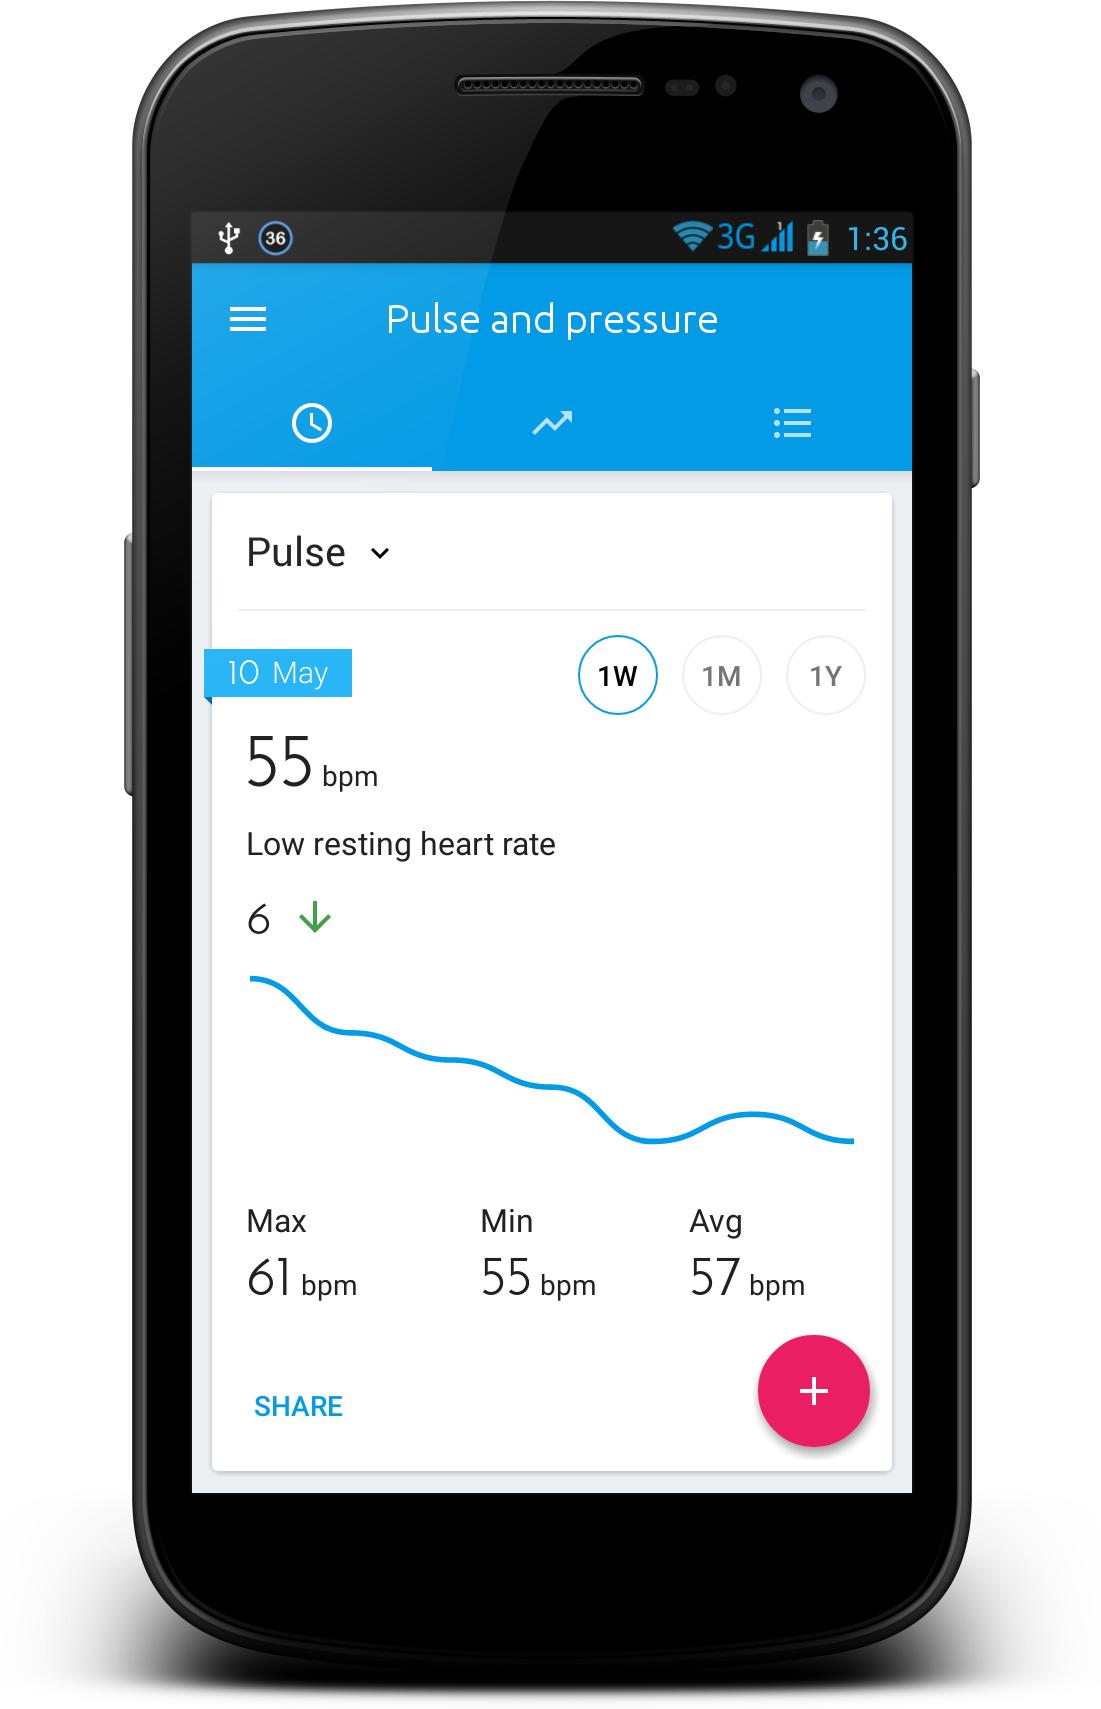 Puls Messen & Blutdruck Messen APK 3.4.1 für Android..